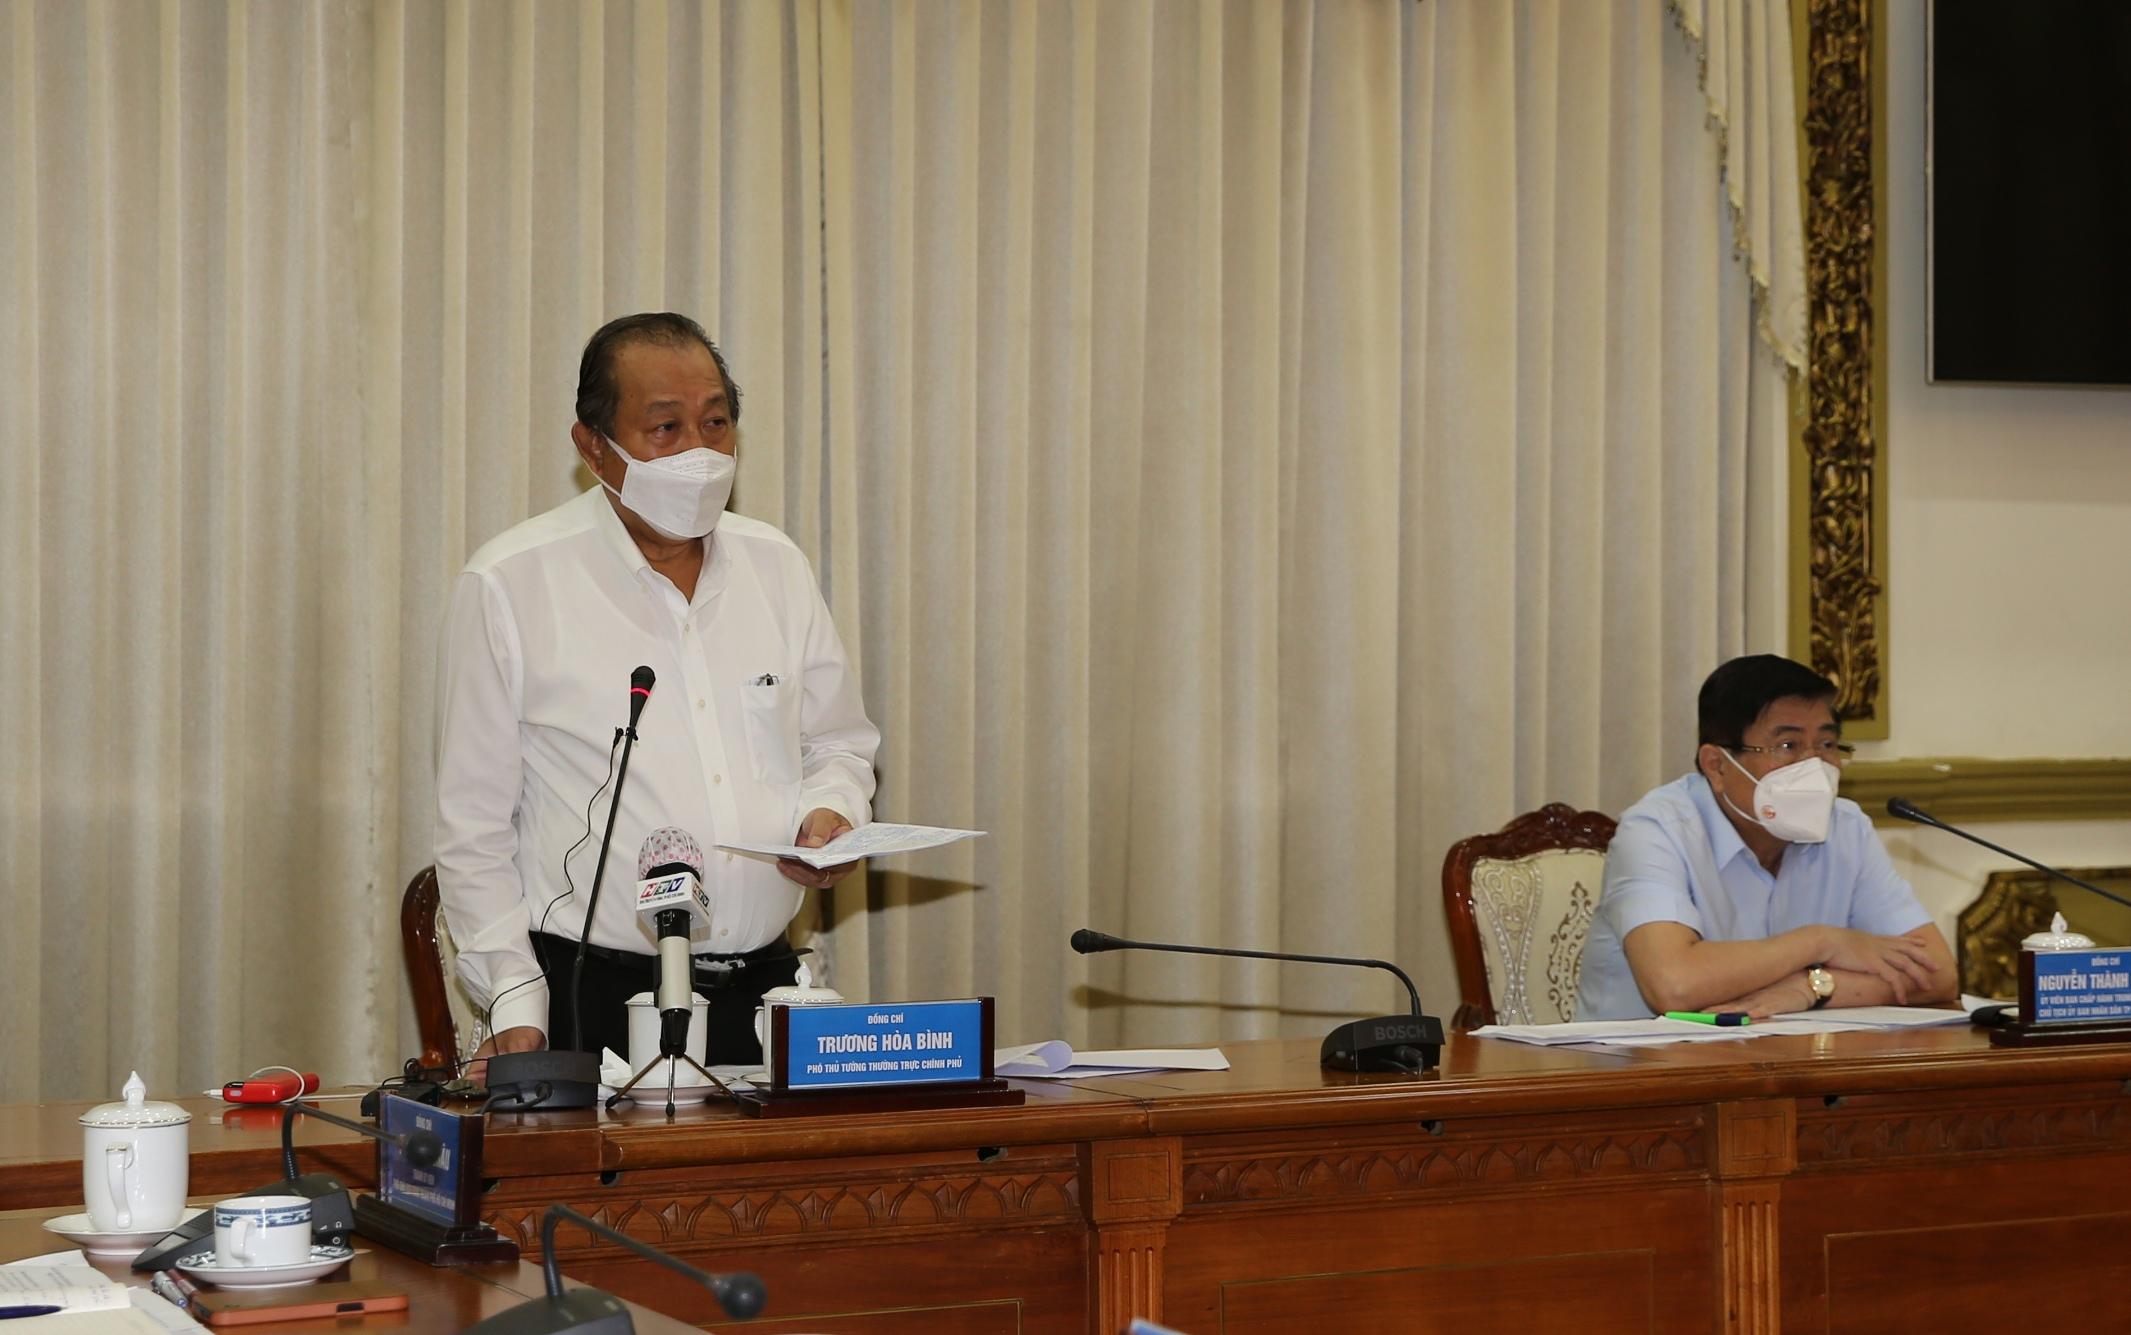 Phó thủ tướng Thường trực Chính phủ Trương Hòa Bình phát biểu chỉ đạo tại buổi họp trực tuyến của Ban Chỉ đạo phòng chống dịch COVID-19 TPHCM. Ảnh: VGP/Mạnh Hùng